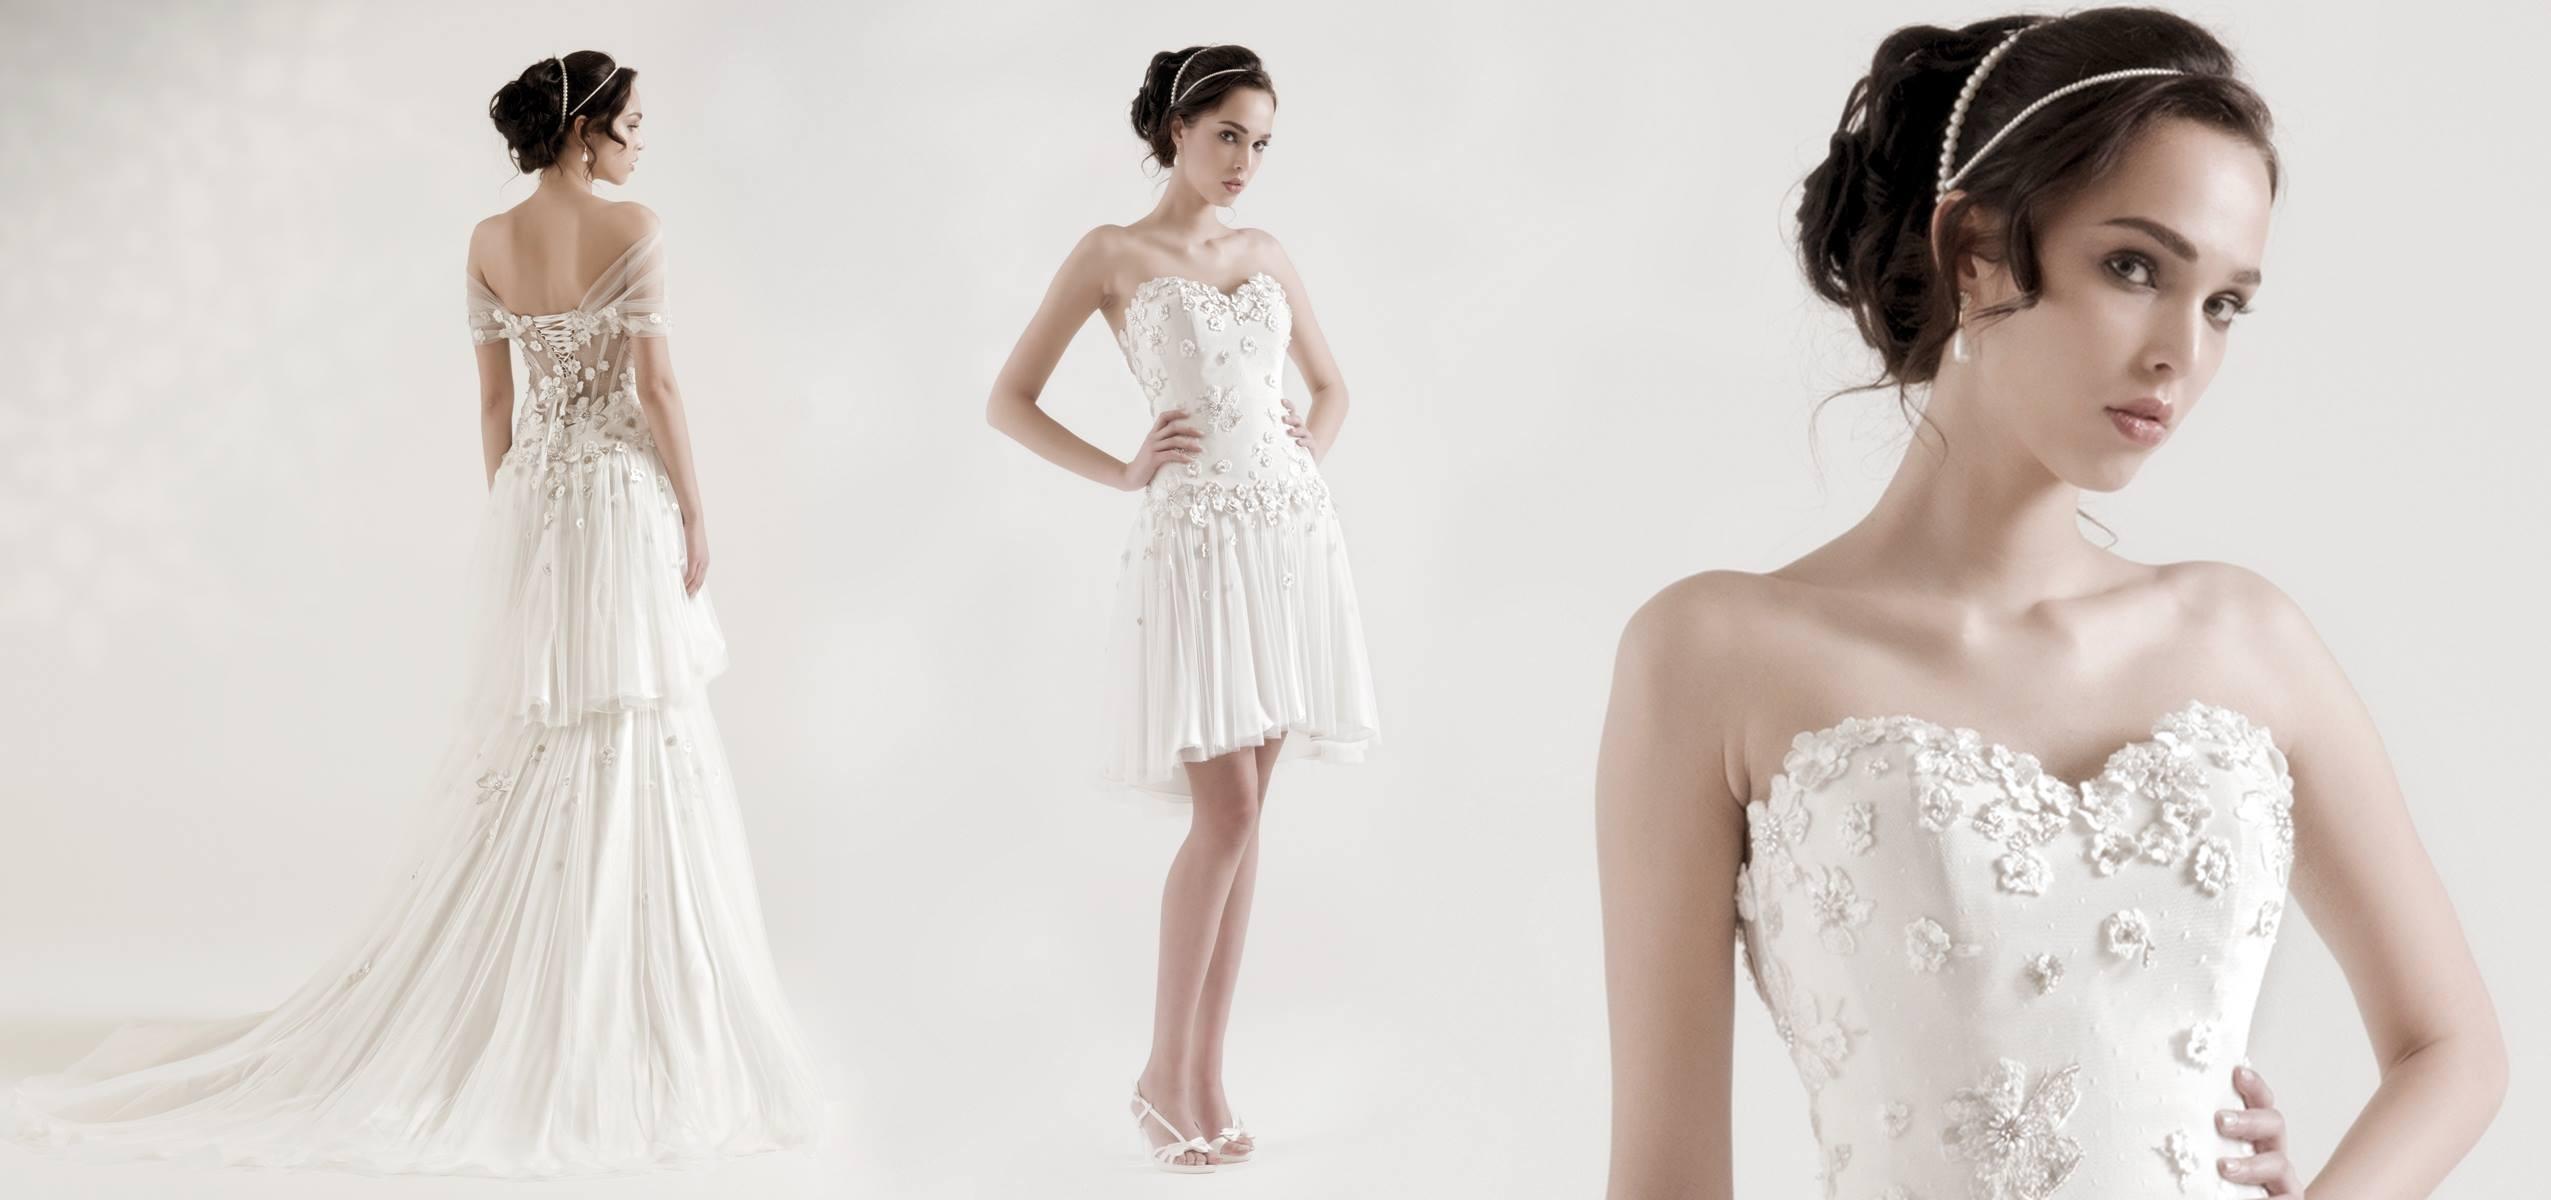 87d1c53ad051 abiti da sposa semplici - Abiti da sposa Roma - Anna Tumas Atelier